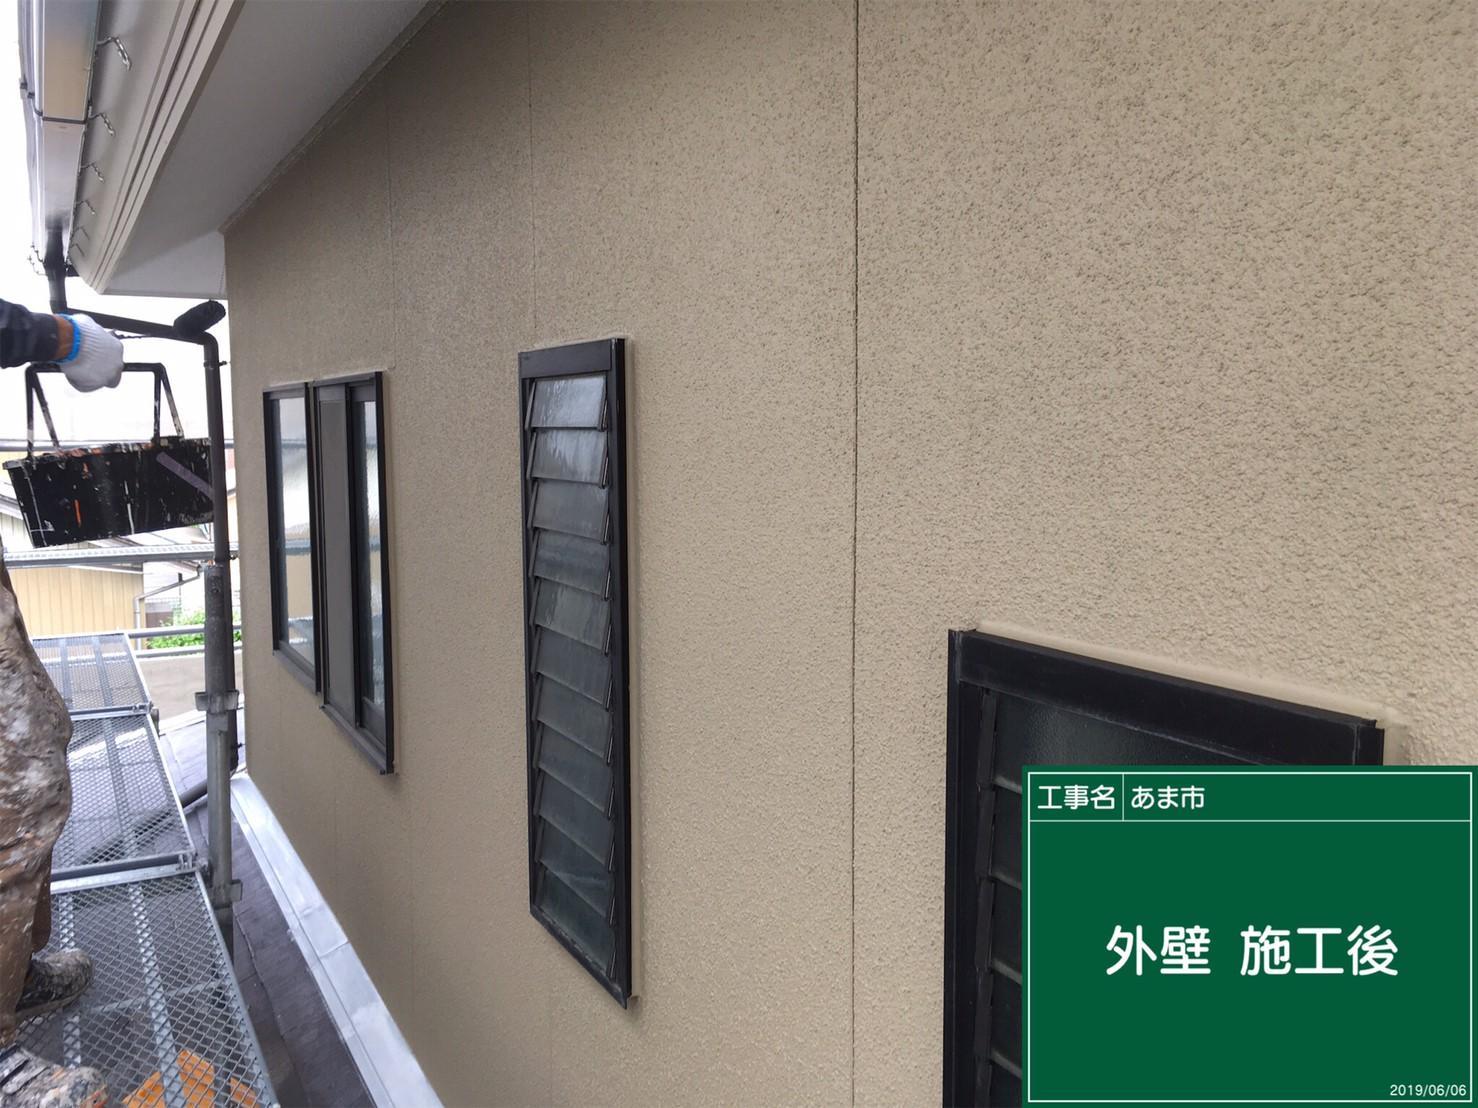 外壁 施行完了です。マットな感じで新築の時のように仕上がりま